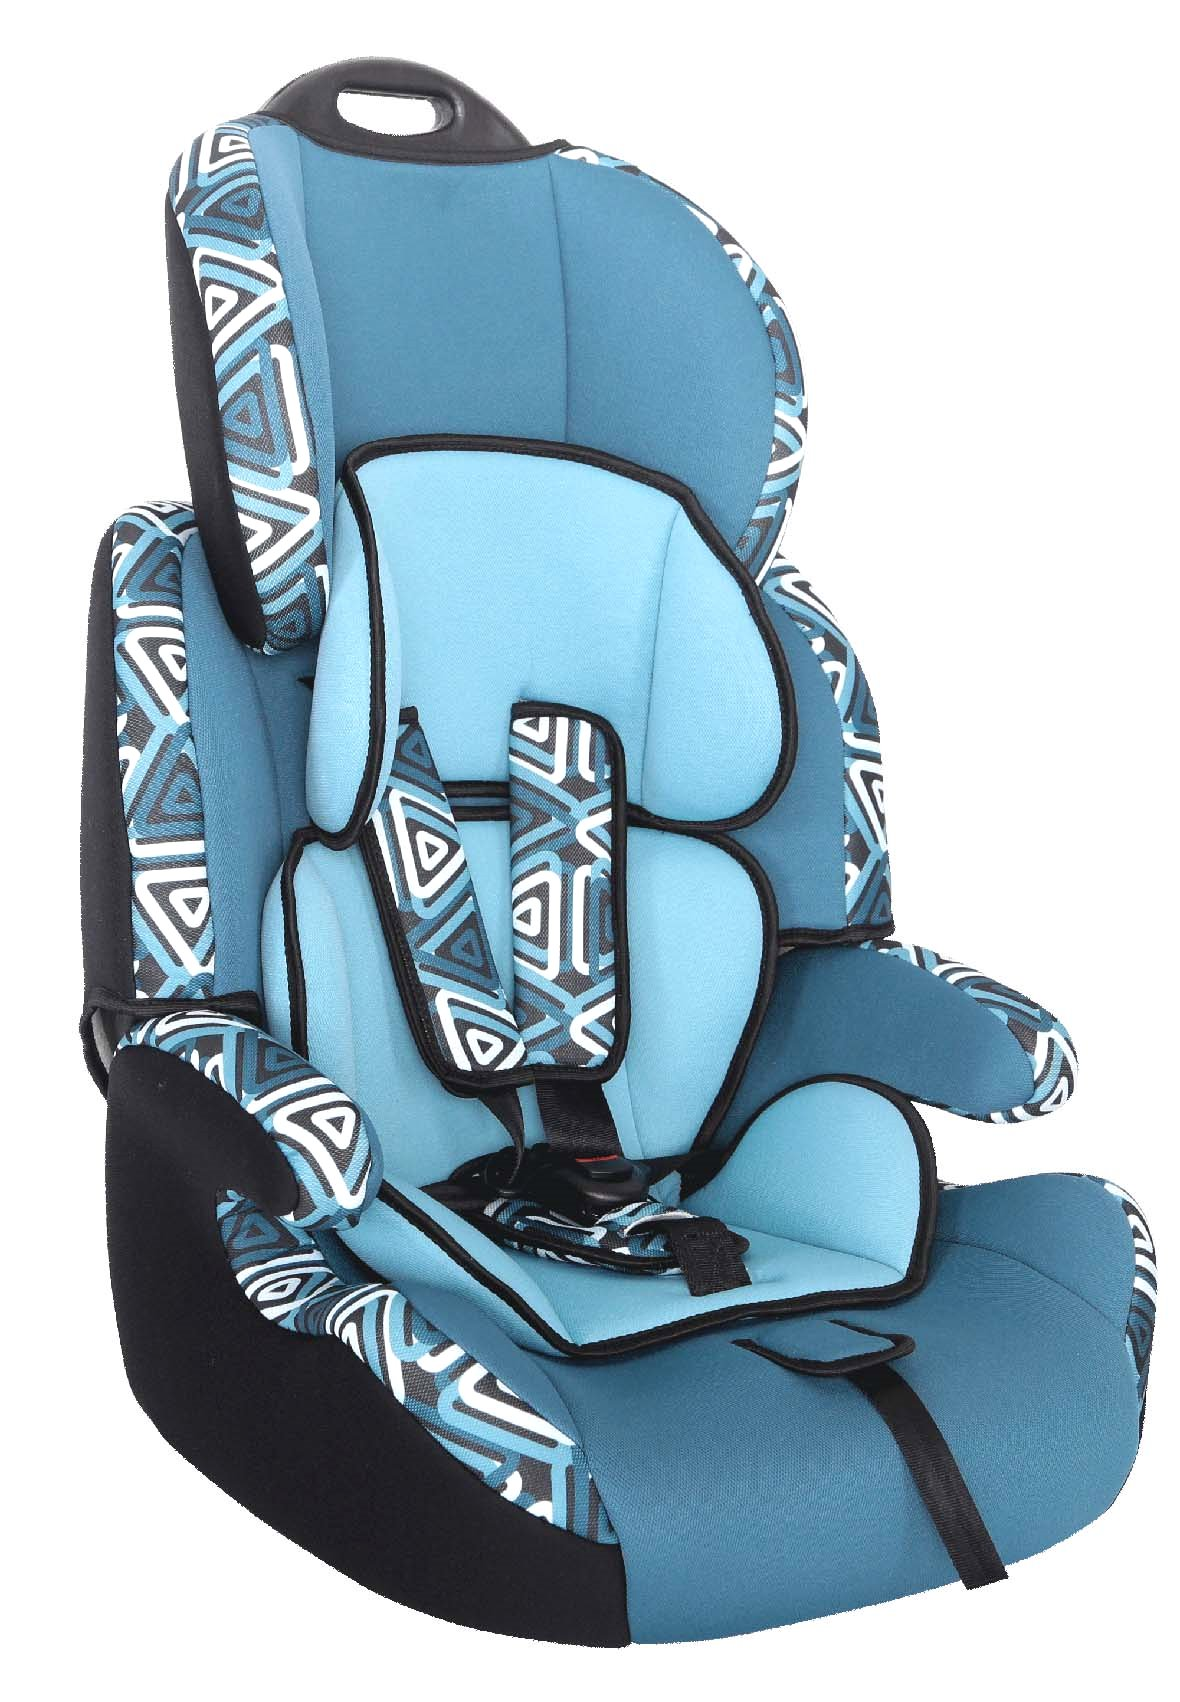 Кресло детское автомобильное Siger СТАР kres0459